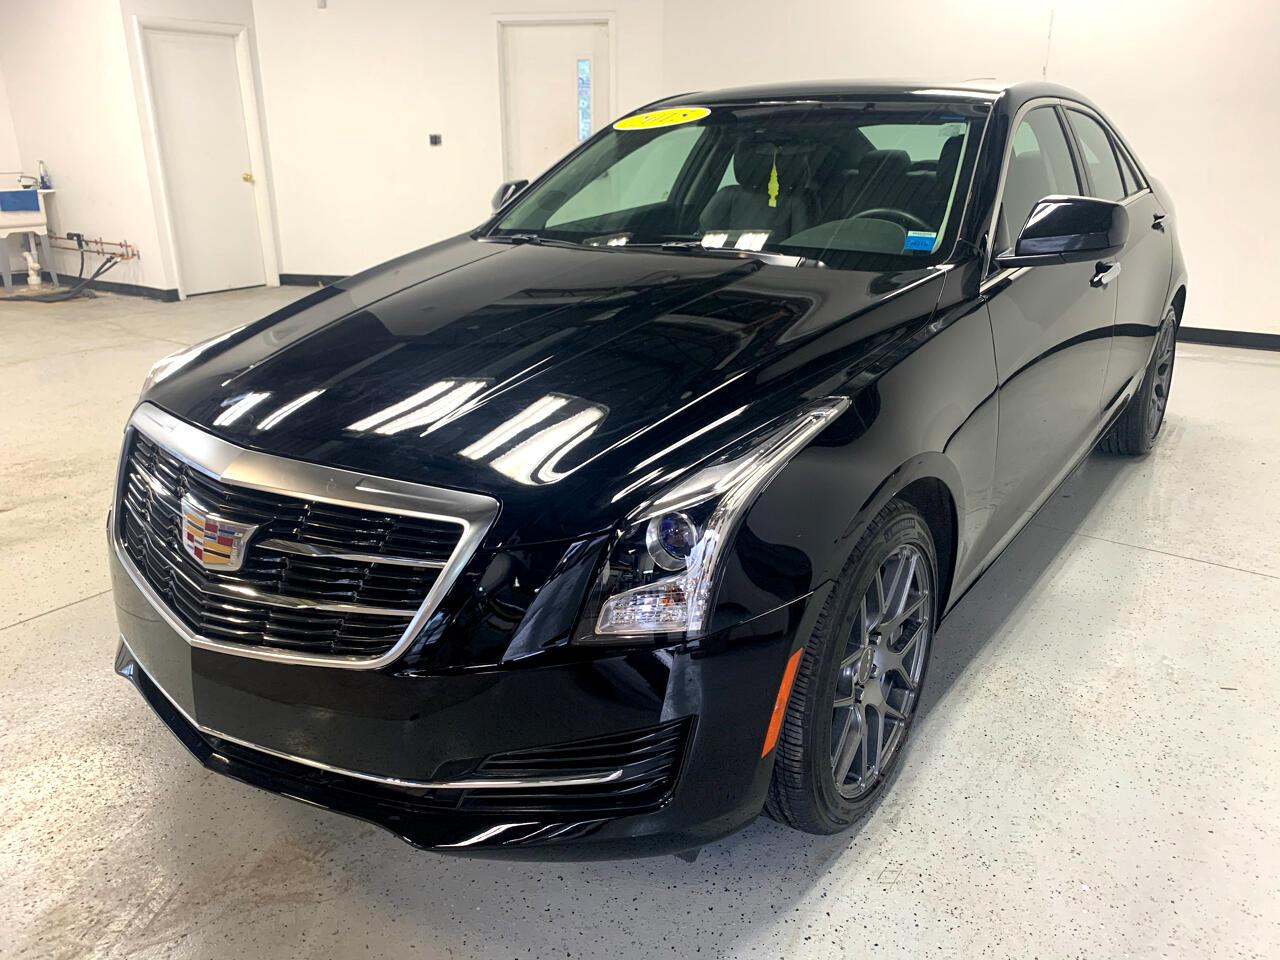 Cadillac ATS 2.0L Turbo Standard AWD 2015